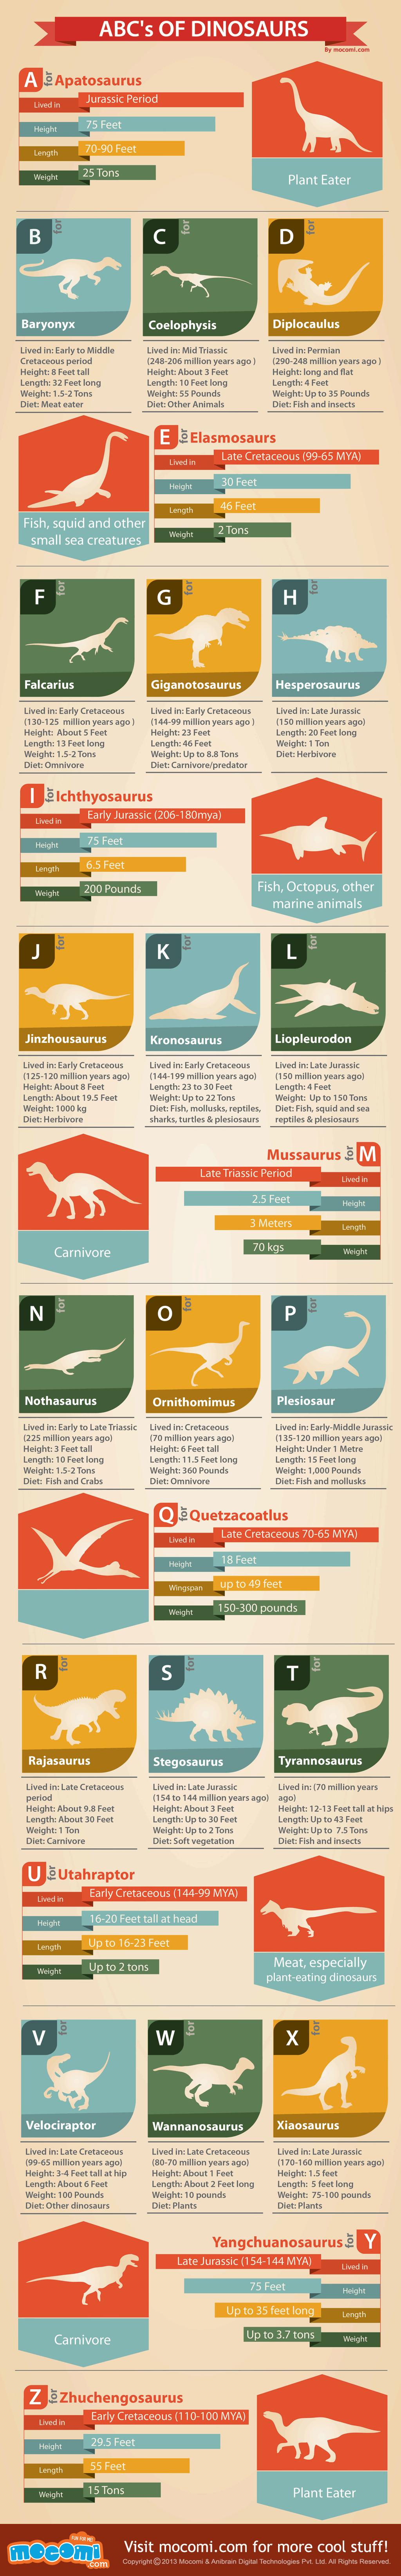 El ABC de los Dinosaurios | dinosaurio | Pinterest | Los dinosaurios ...